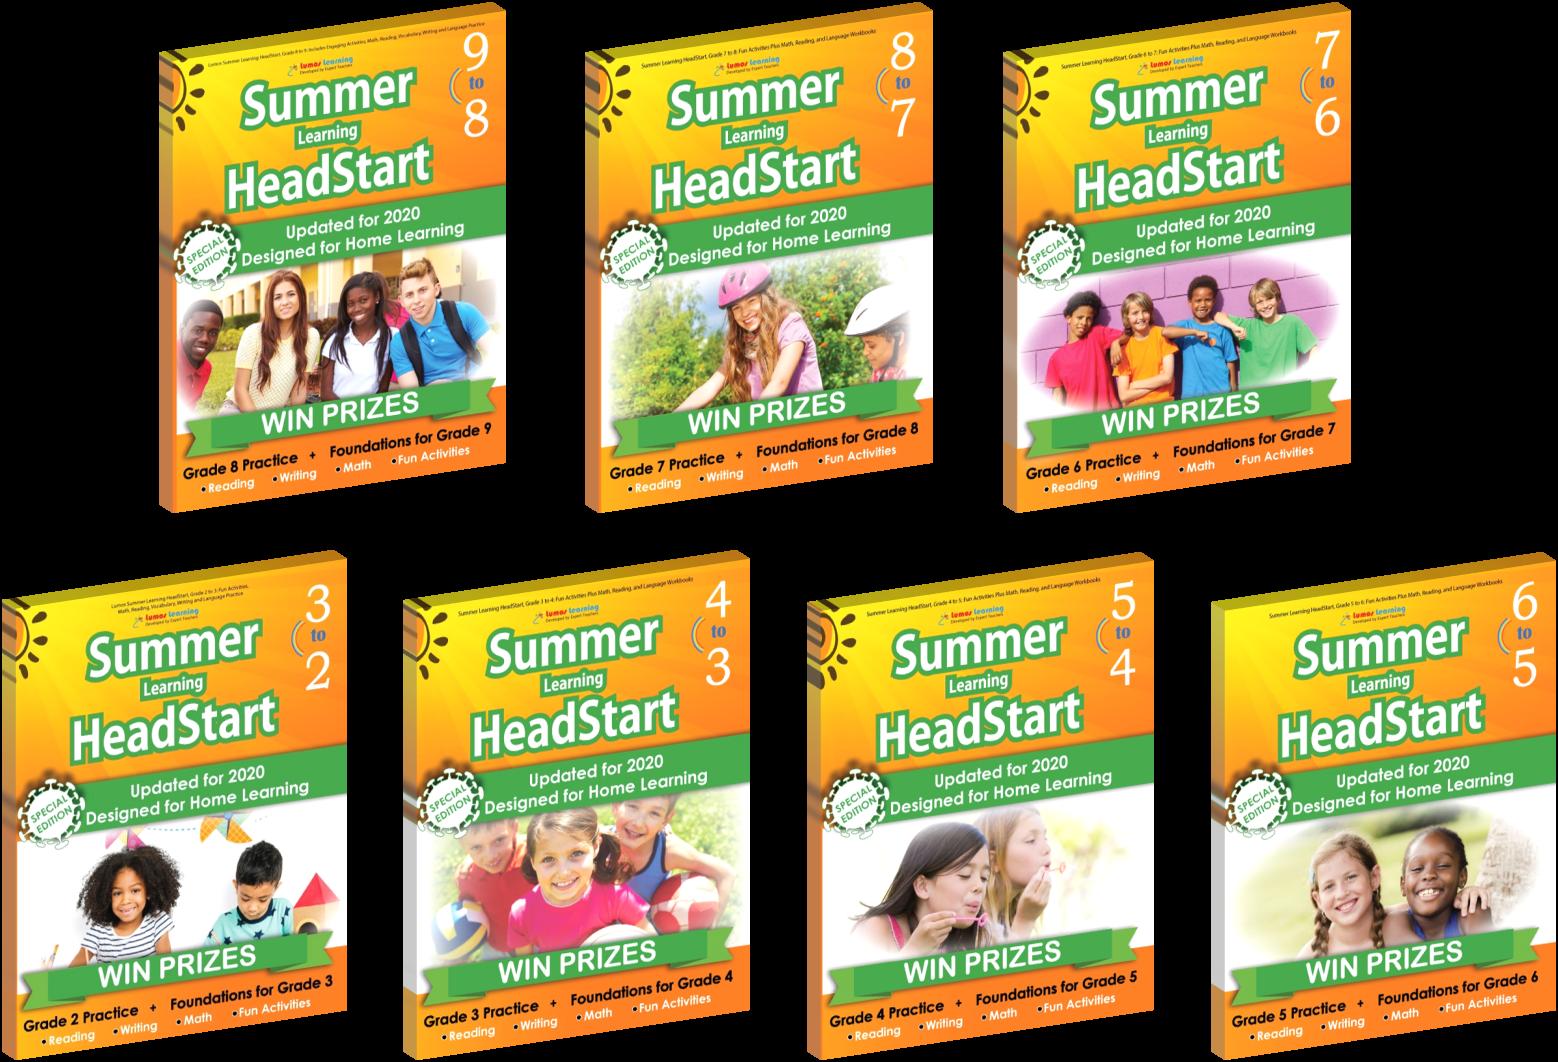 Summer Learning HeadStart Books